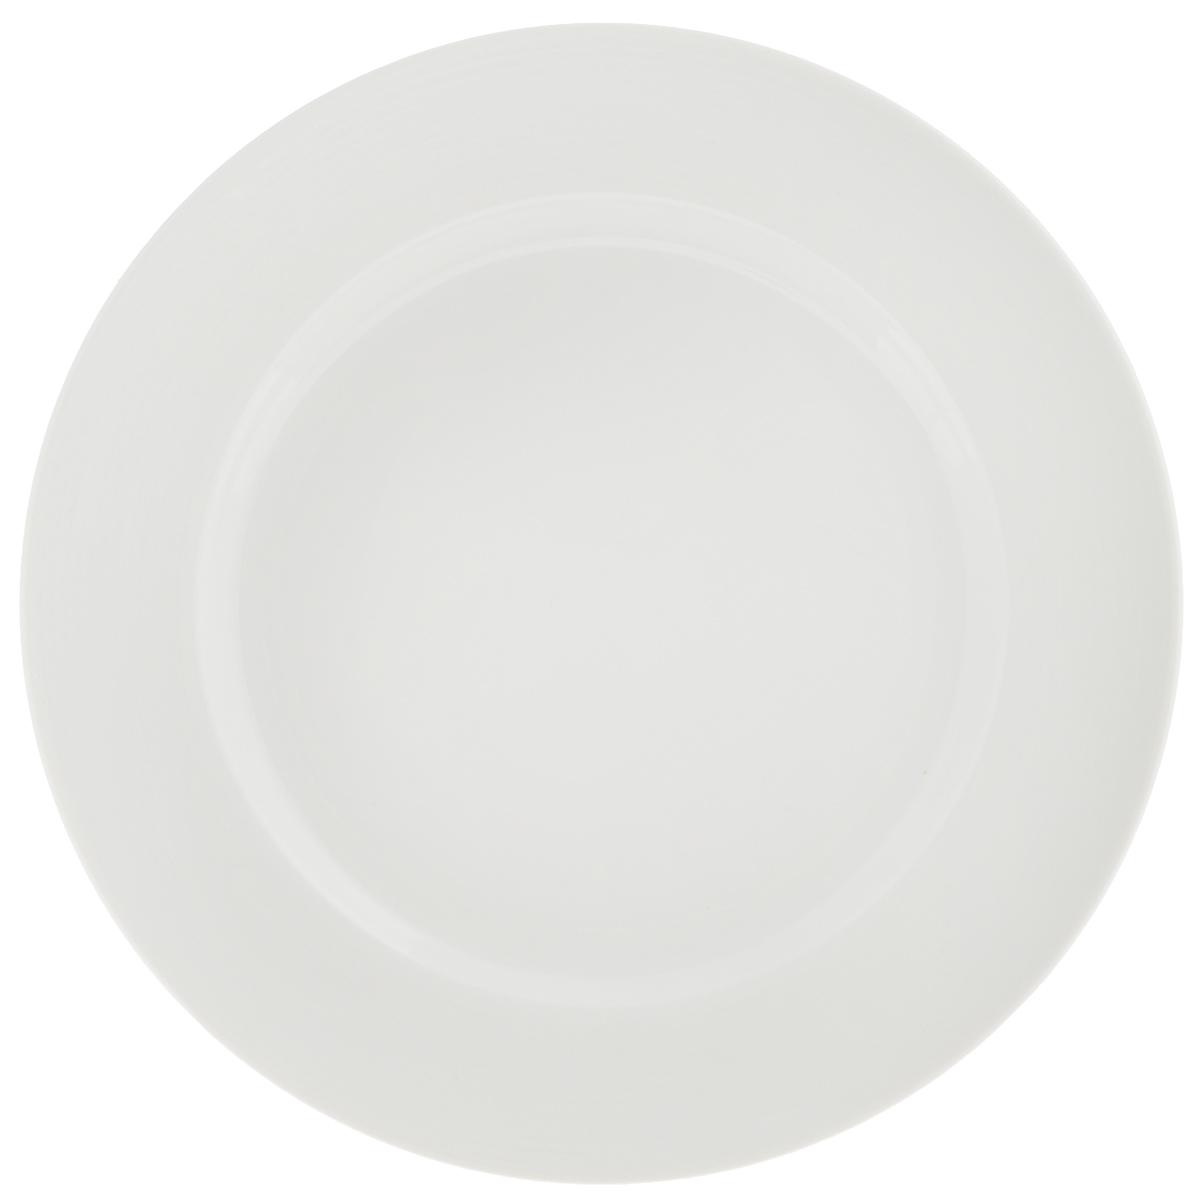 Тарелка десертная Tescoma Opus Stripes, диаметр 20 см385120Десертная тарелка Tescoma Opus Stripes изготовлена из фарфора. Изделие оформлено рельефным рисунком и имеет изысканный внешний вид. Такая тарелка прекрасно подходит как для торжественных случаев, так и для повседневного использования. Идеальна для подачи десертов, пирожных, тортов и многого другого. Она прекрасно оформит стол и станет отличным дополнением к вашей коллекции кухонной посуды. Пригодна для использования в микроволновой печи. Можно мыть в посудомоечной машине. Диаметр тарелки (по верхнему краю): 20 см. Высота тарелки: 2,2 см